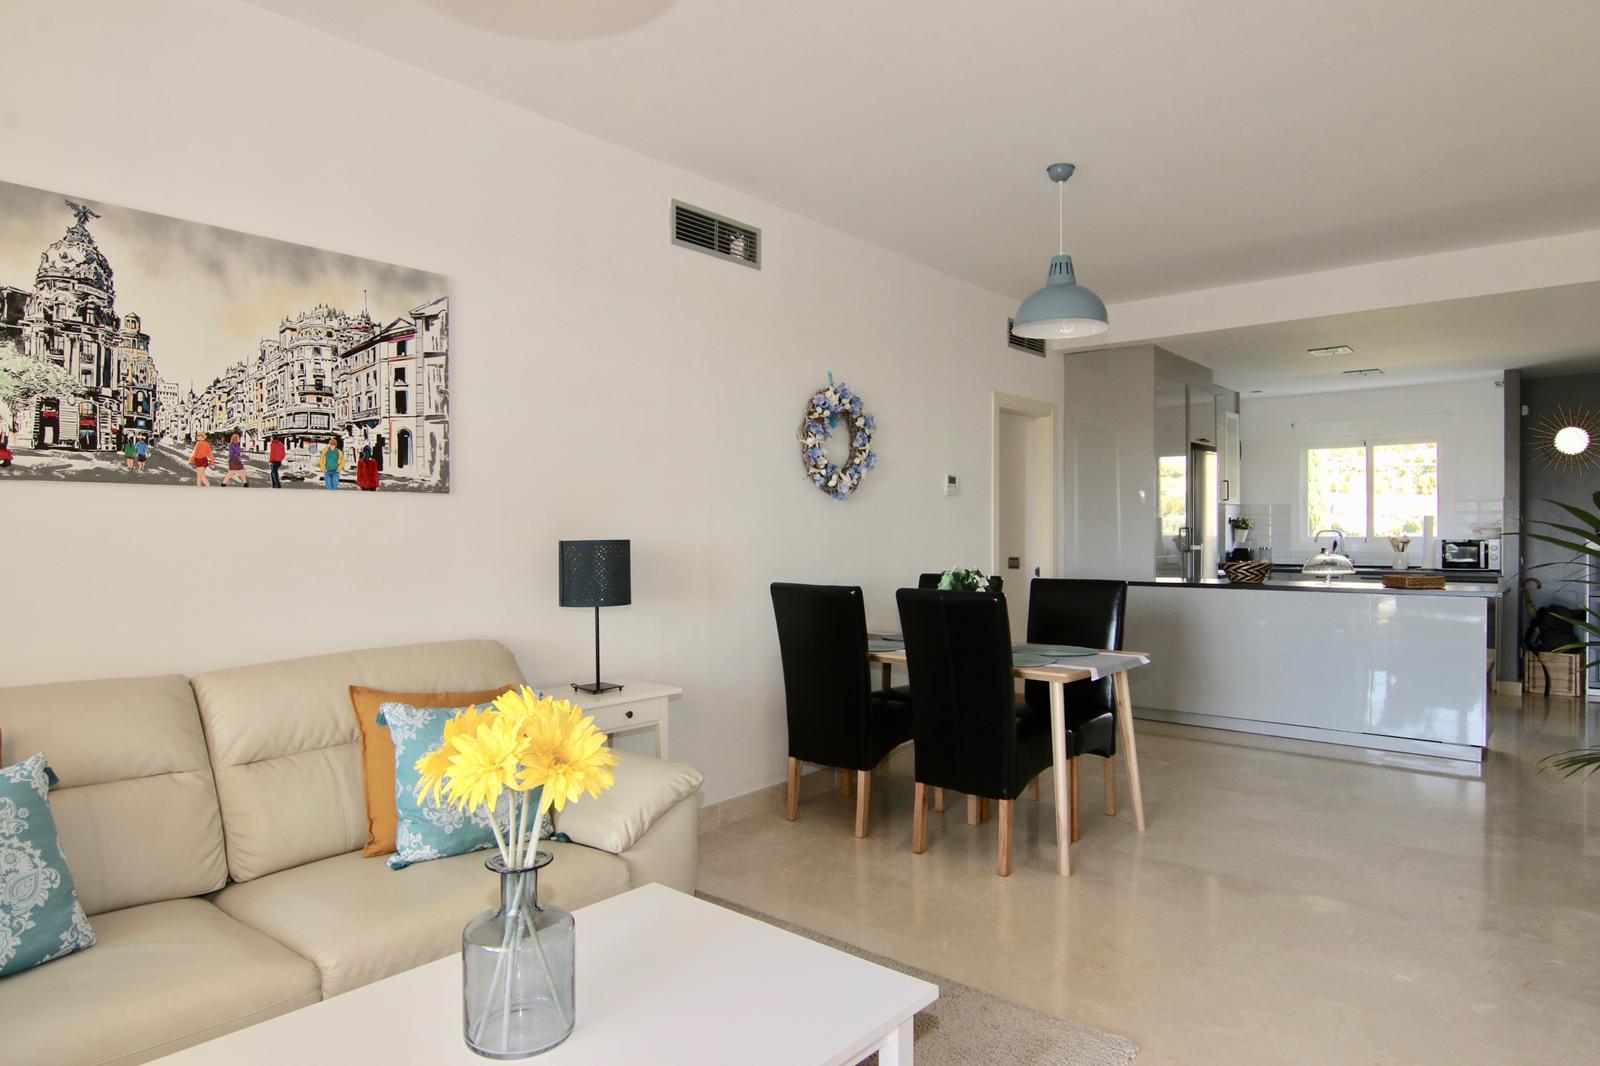 kuchyňký kout s obývacím koutem, gaučem, jídelním stolem a kuchyňkou linkou